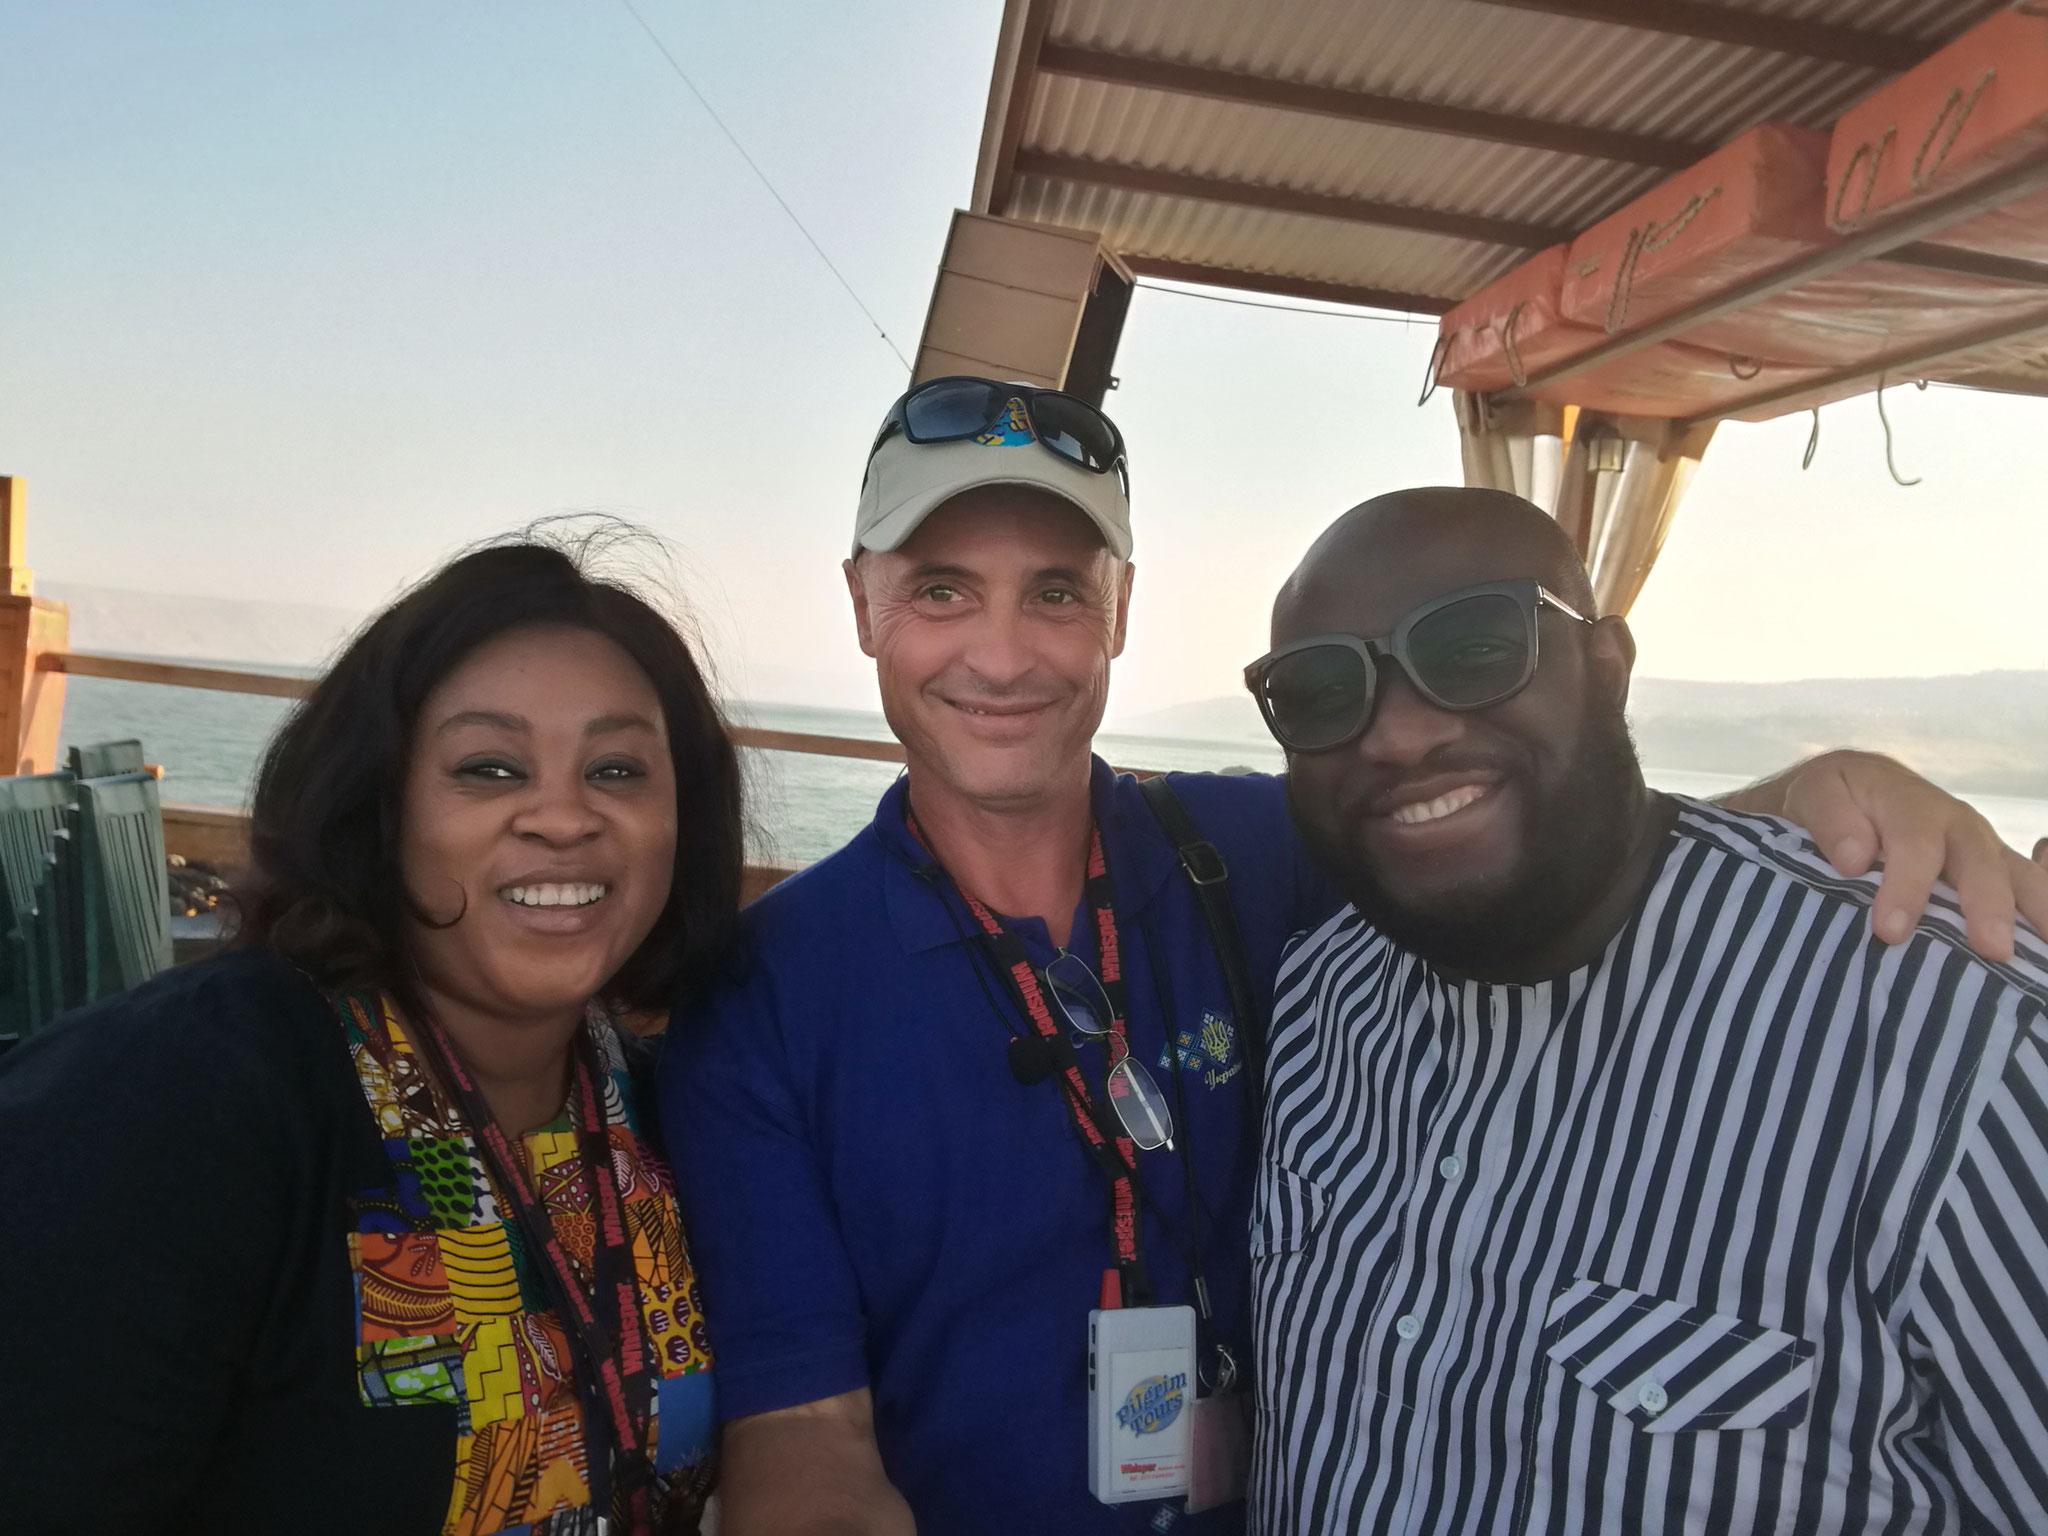 Nigerian friends in Israel